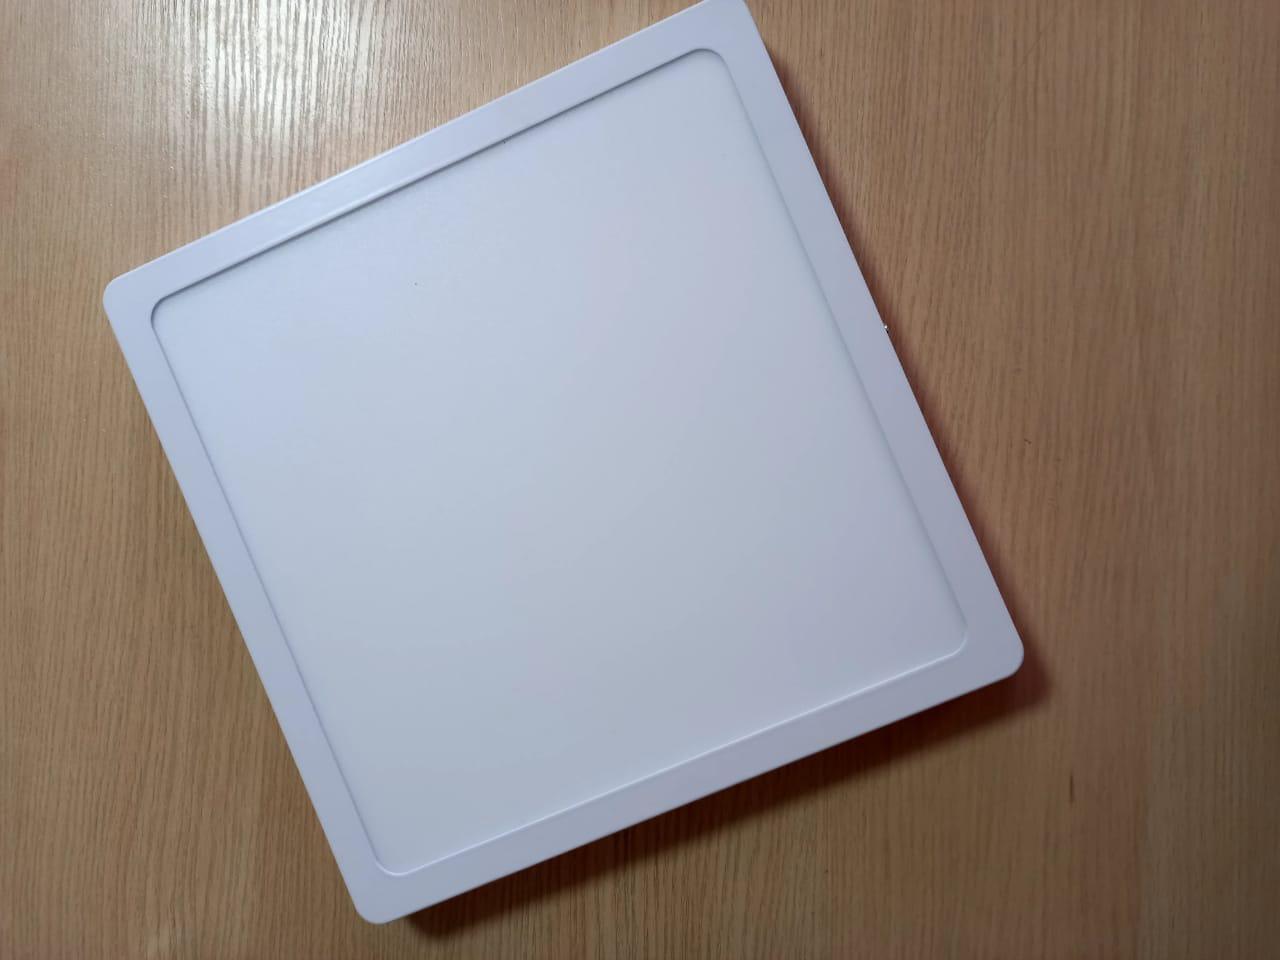 Панель светодиодная внешняя  квадратная LED 24 W